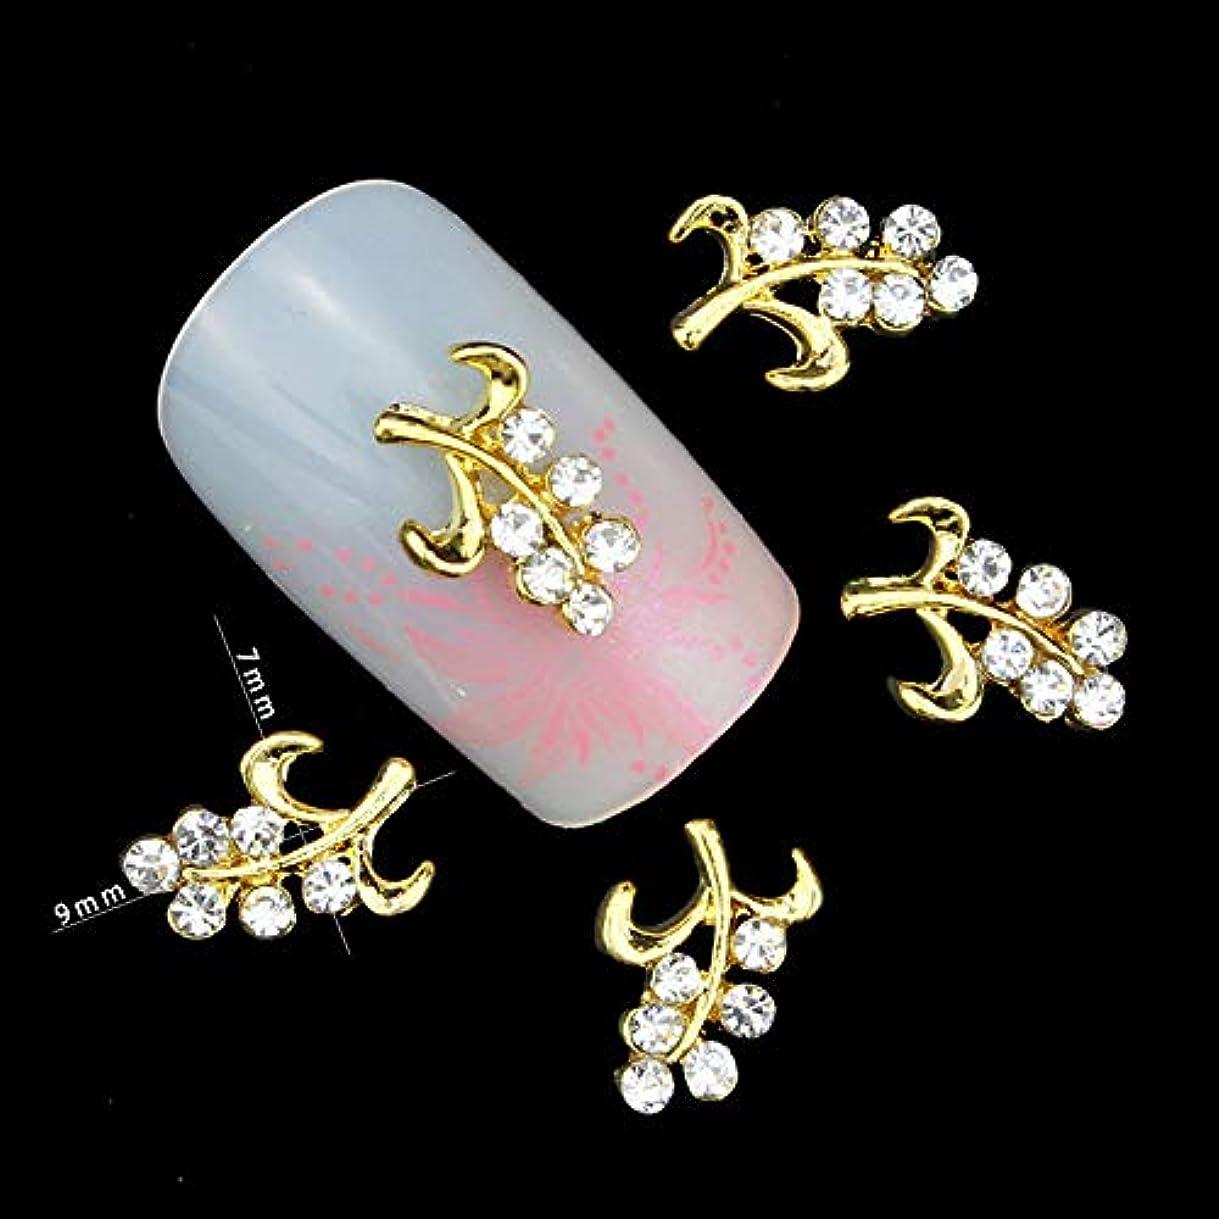 普遍的な放射能有効化10個入りの3D合金ネイルスタッドはマニキュアブドウデザインネイルツールのラインストーンネイルアートの装飾の魅力のジュエリーをキラキラ